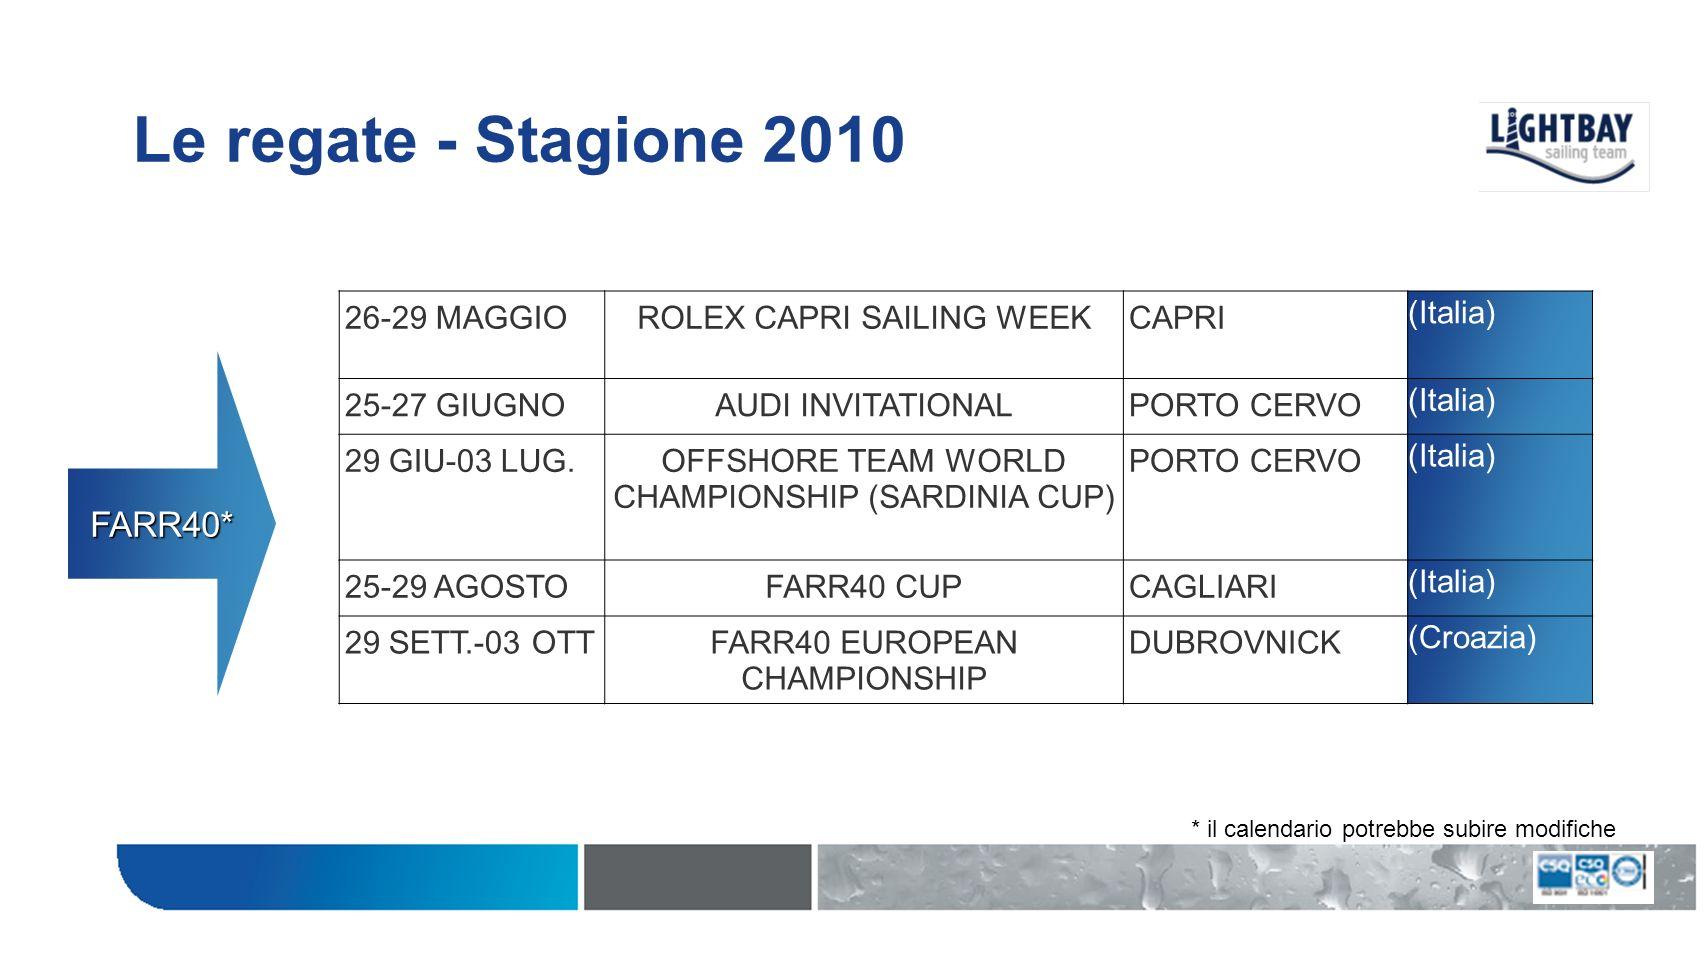 Le regate - Stagione 2010 26-29 MAGGIOROLEX CAPRI SAILING WEEKCAPRI (Italia) 25-27 GIUGNOAUDI INVITATIONALPORTO CERVO (Italia) 29 GIU-03 LUG.OFFSHORE